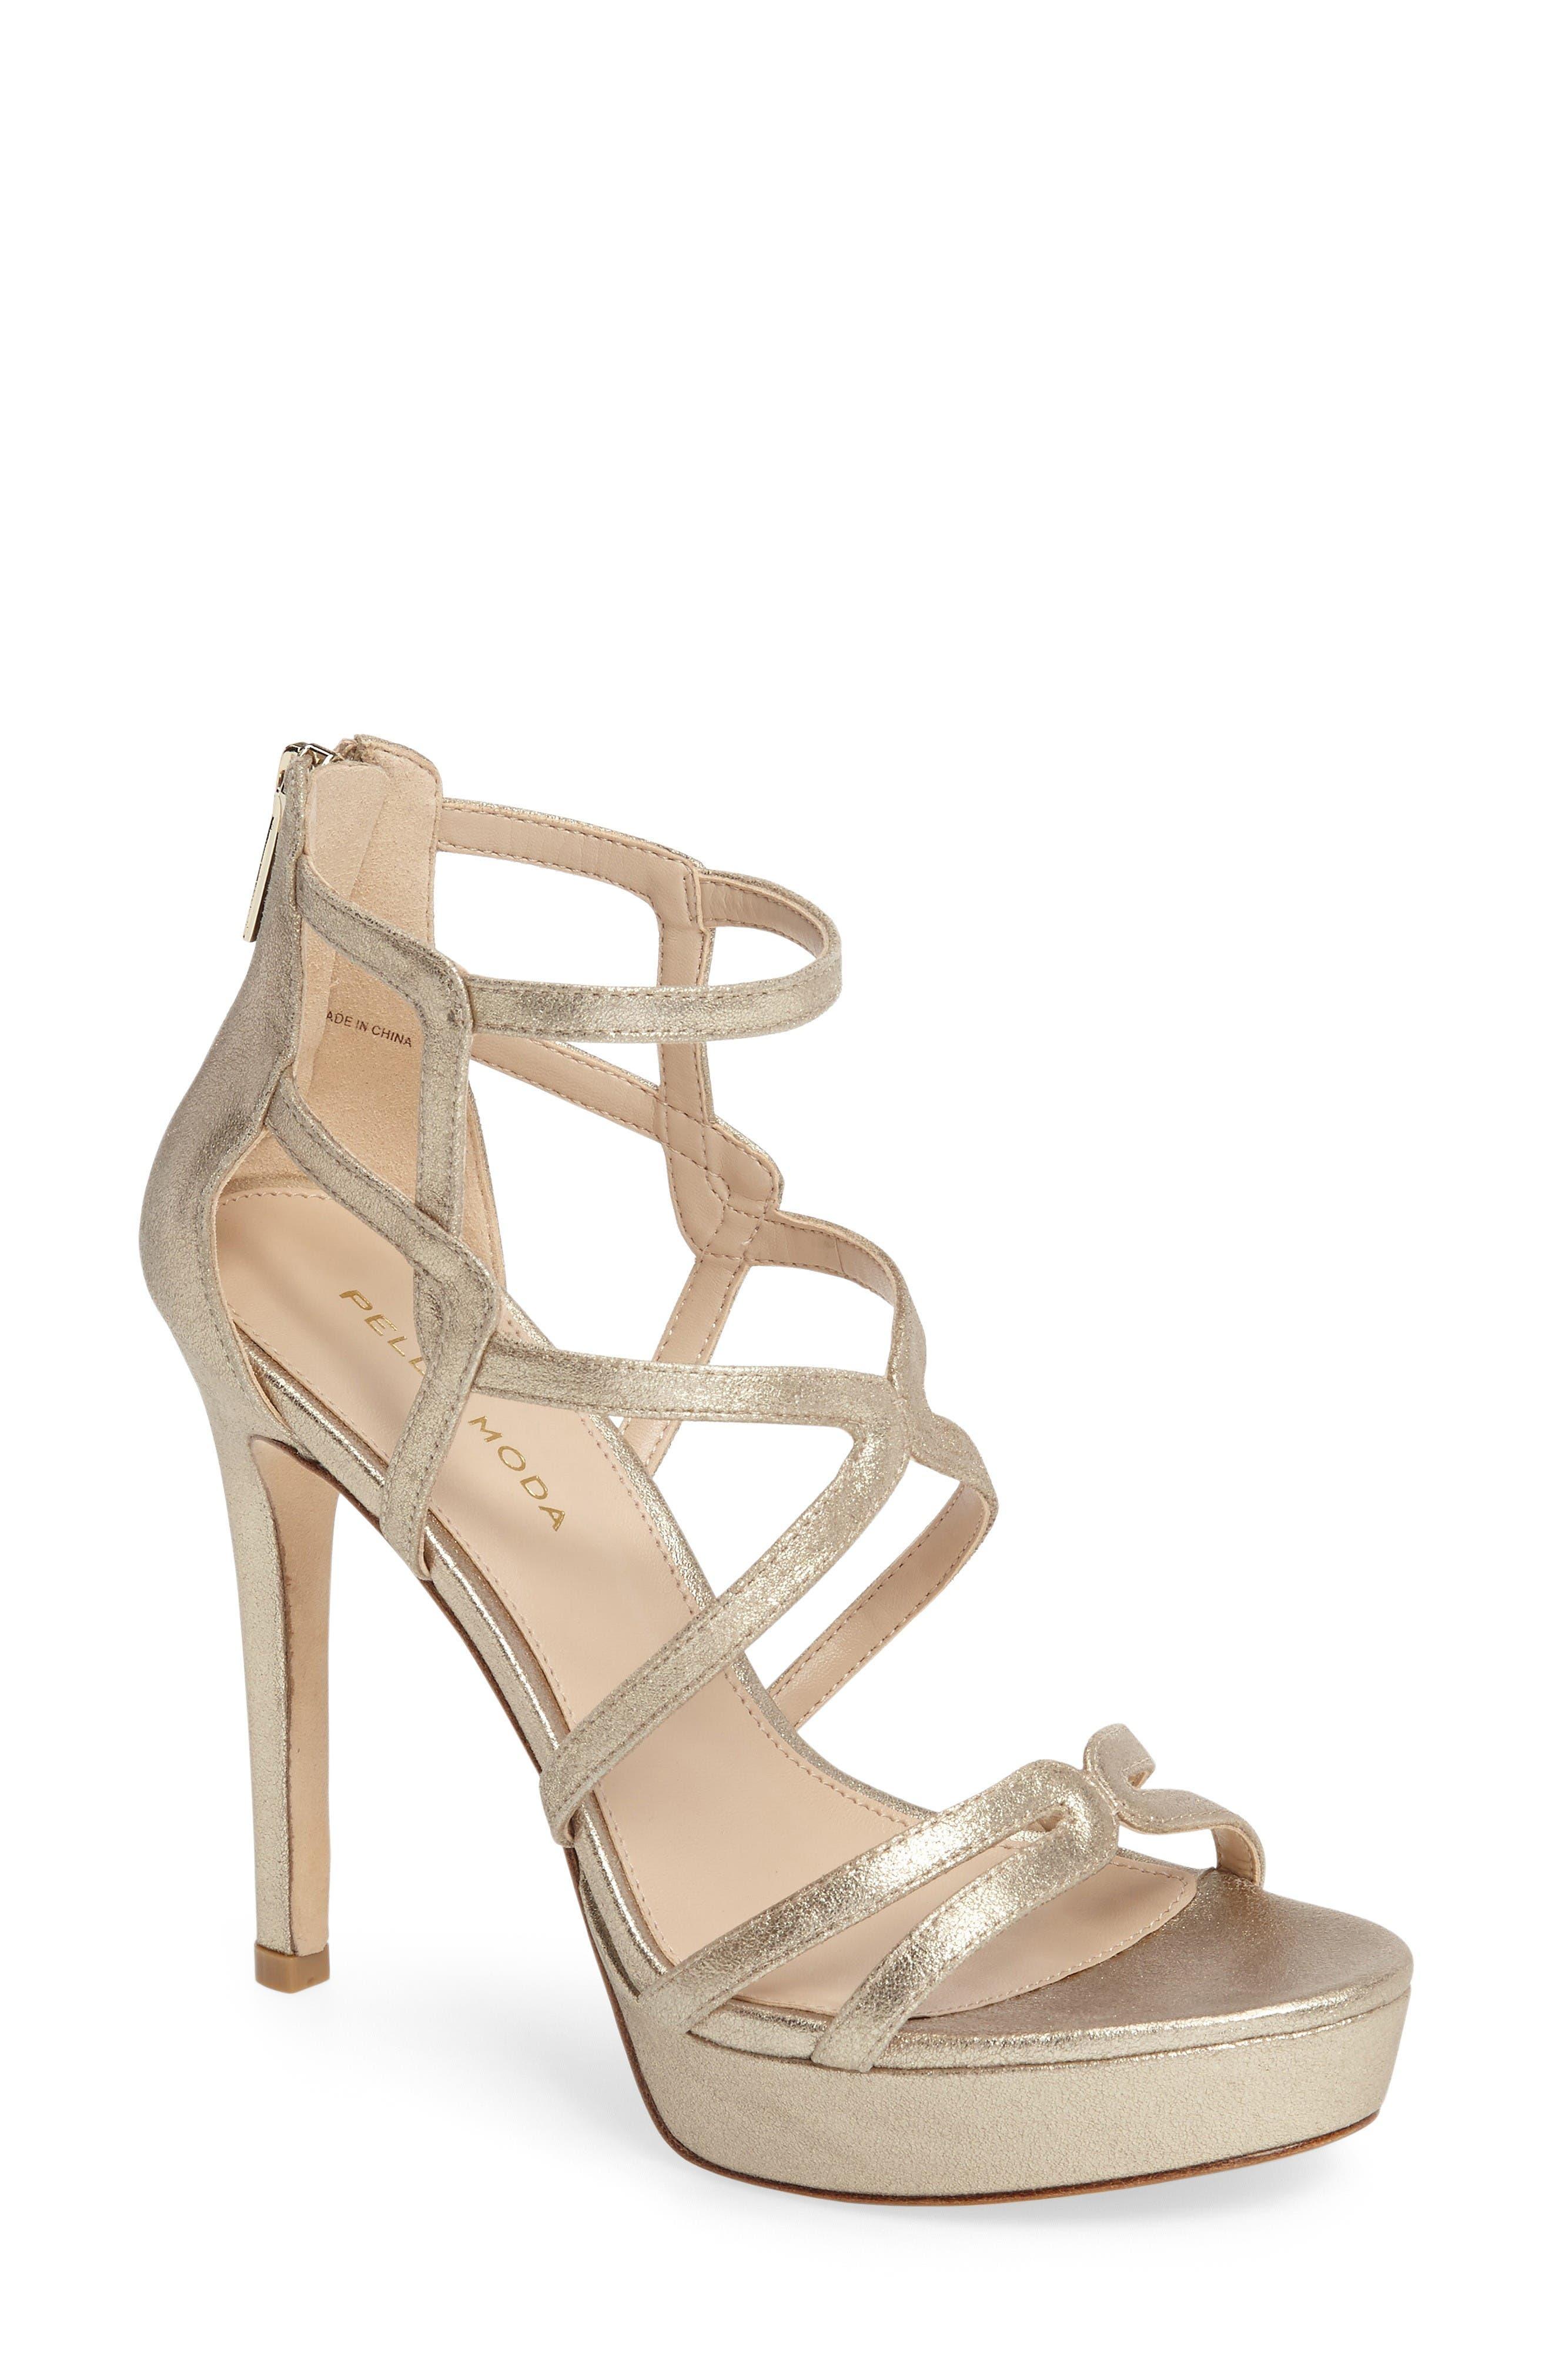 Alternate Image 1 Selected - Pelle Moda Olympic Platform Sandal (Women)